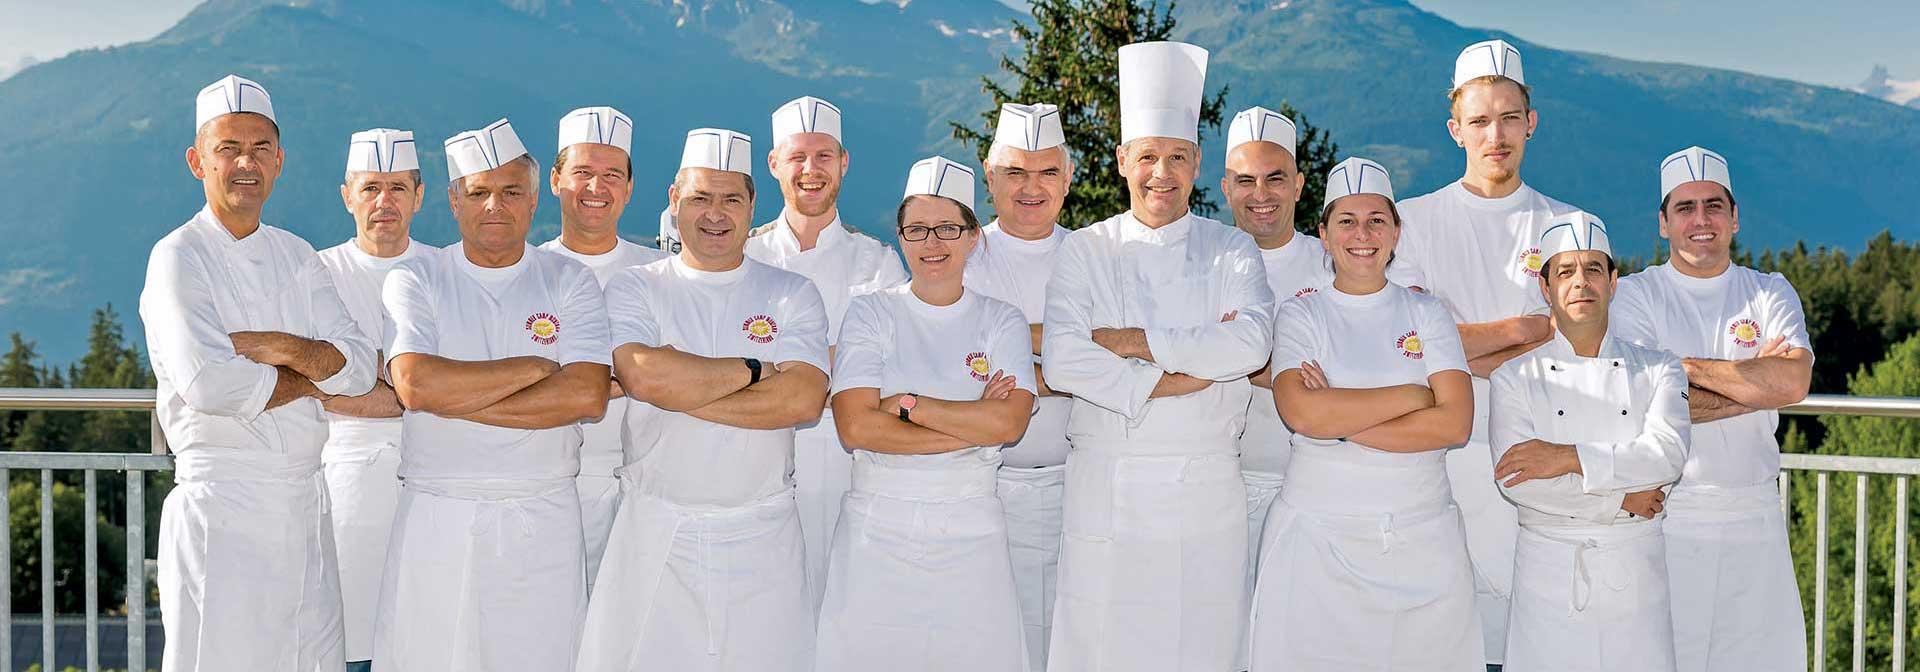 Summer Camp Montana Kitchen Staff